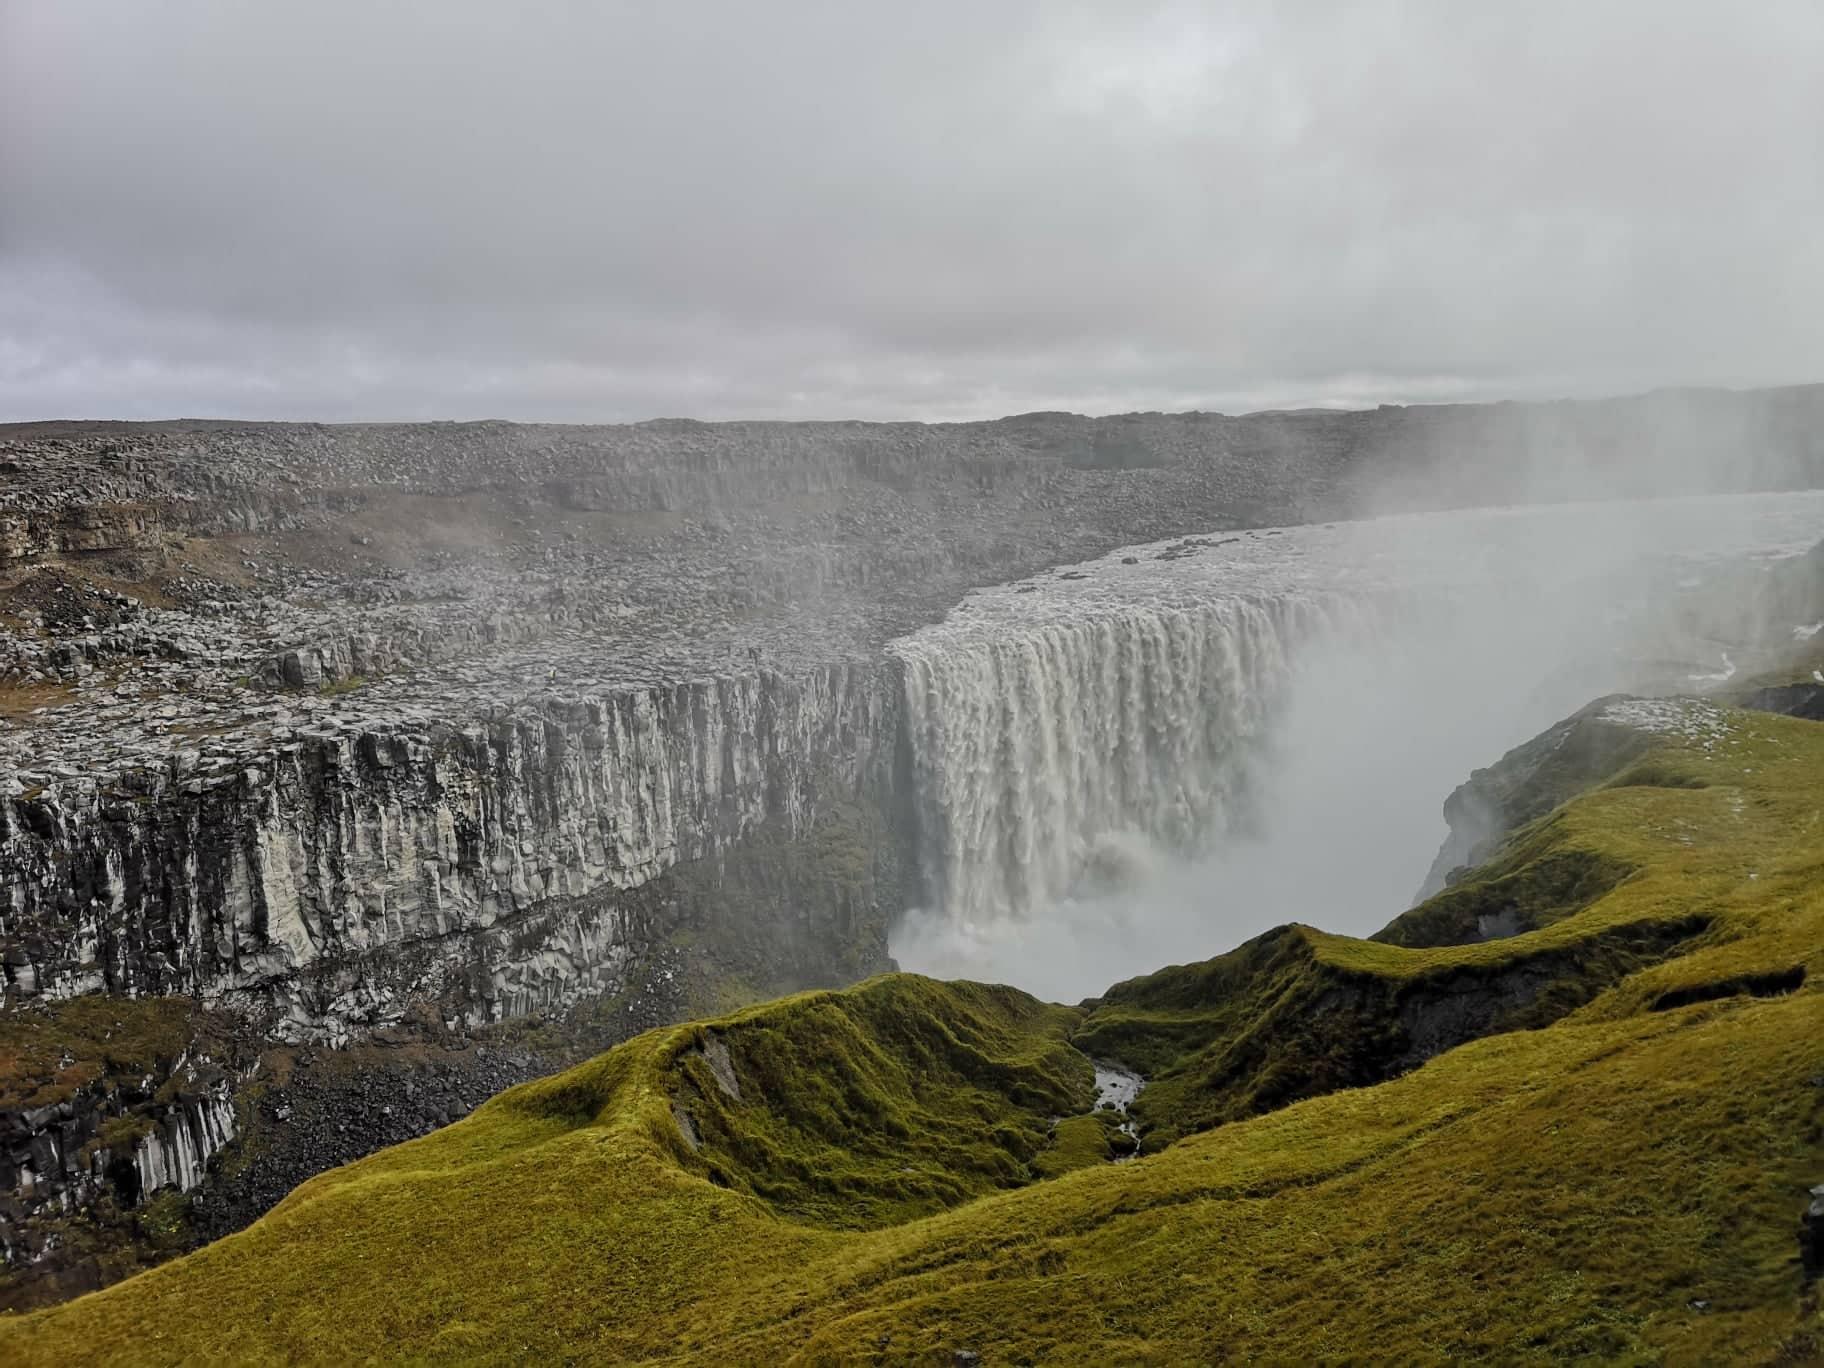 La poderosa cascada Dettifoss en el norte de Islandia